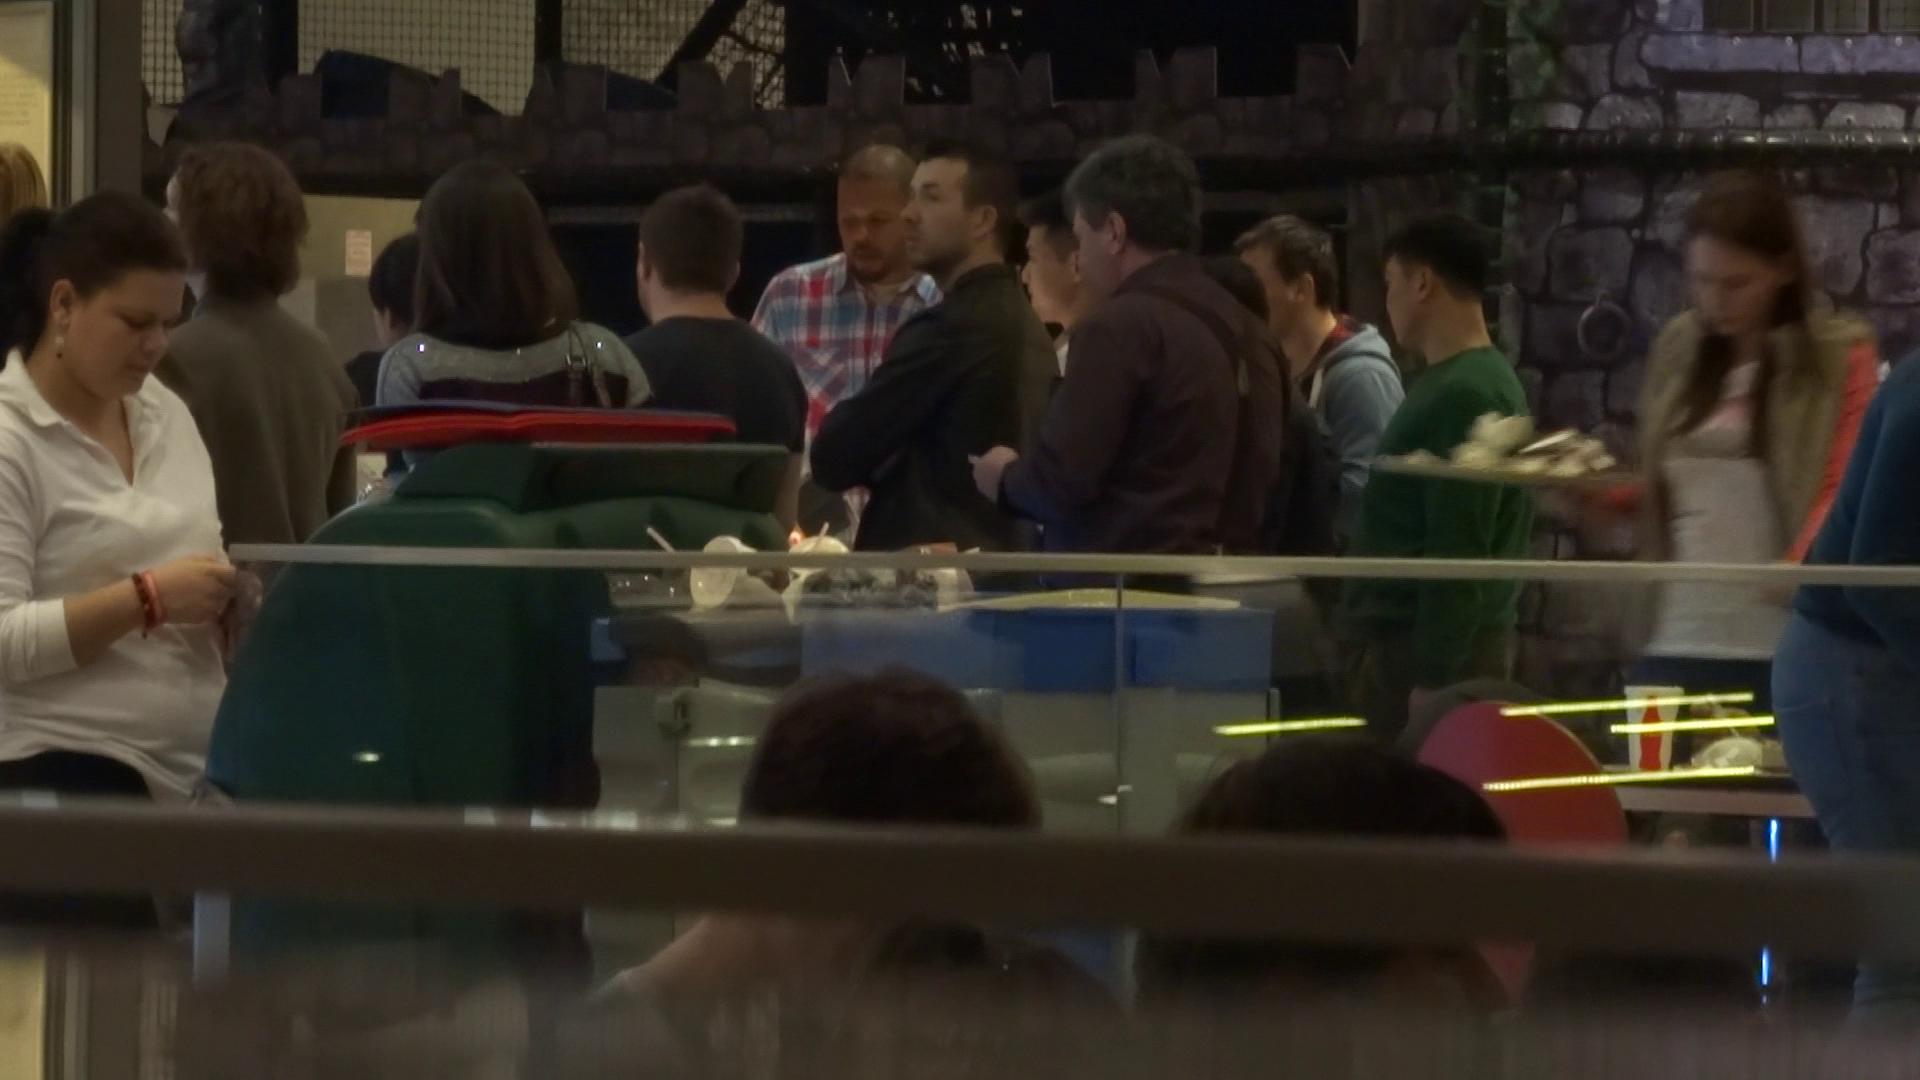 Dupa ce si-au rezervat locurile la film, toata gasca si-a potolit foamnea la un fast-food celebru